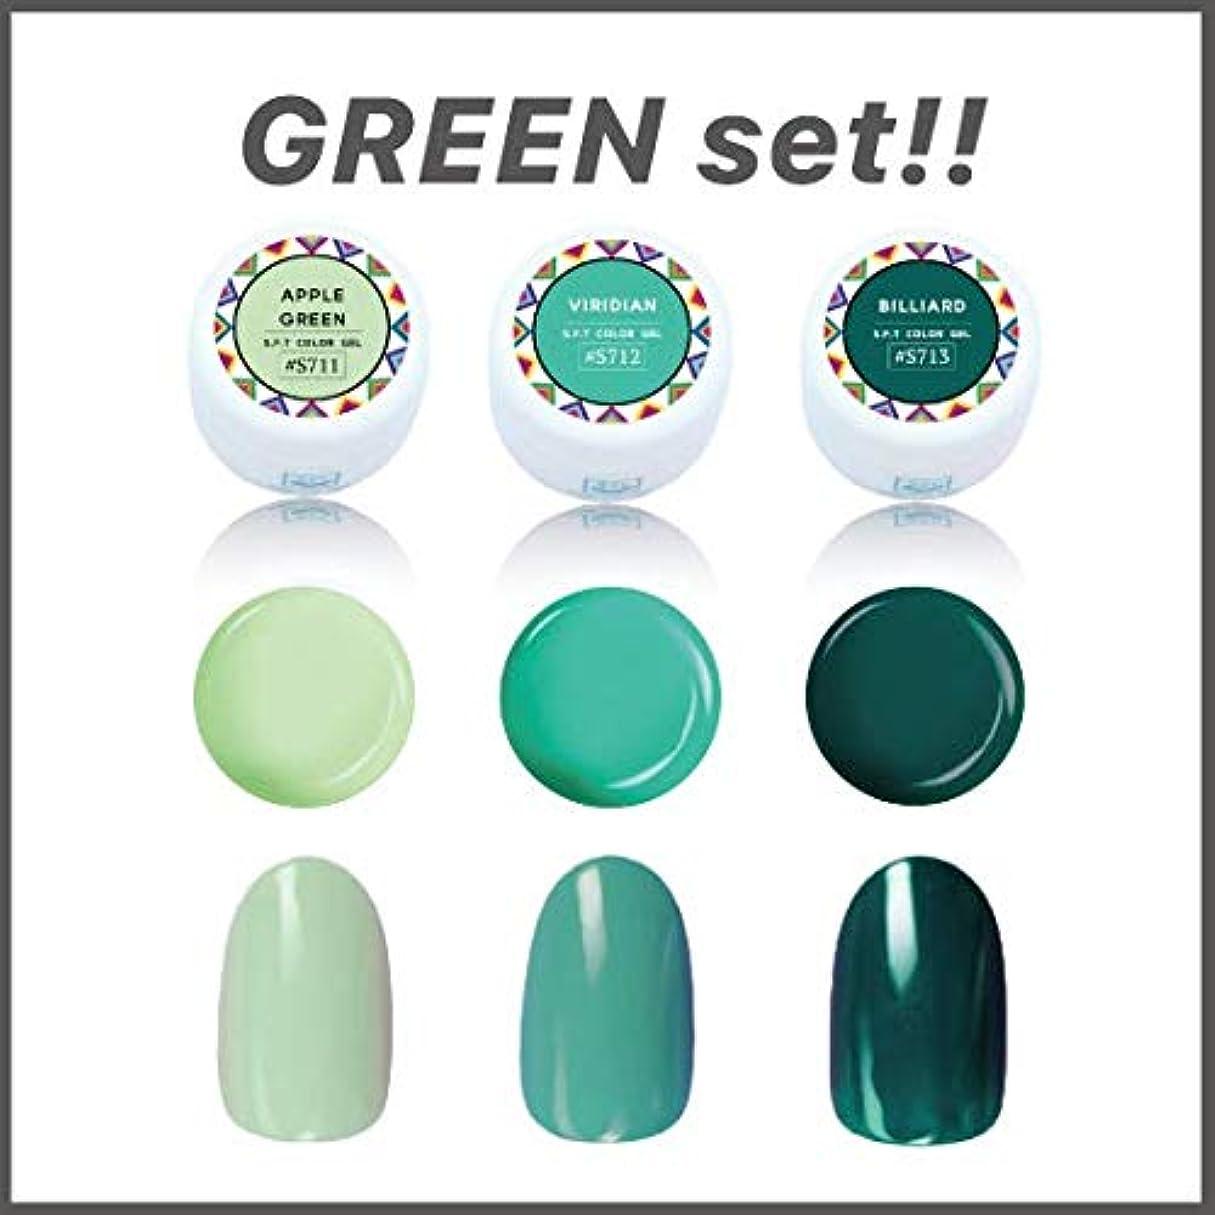 バルーン見えるサイト日本製 ジェルネイル グリーンセット 3色セット FUNSIDË ファンサイド カラージェル グリーン 黄緑 ターコイズ